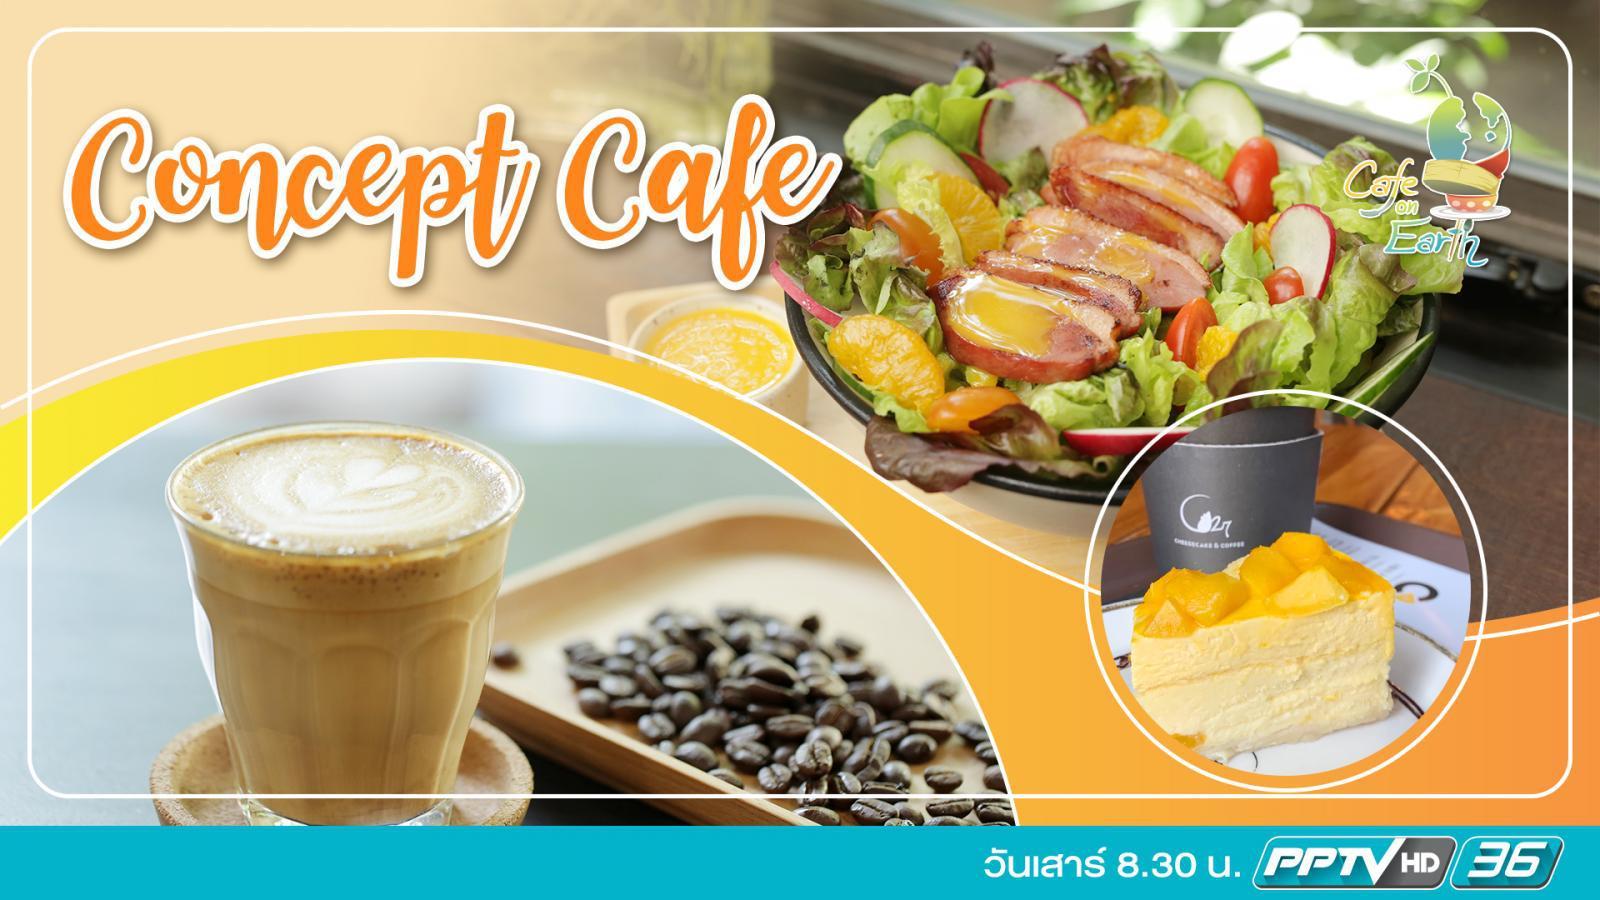 concept café - รวบรวม cafe เสริมสร้างธุรกิจ